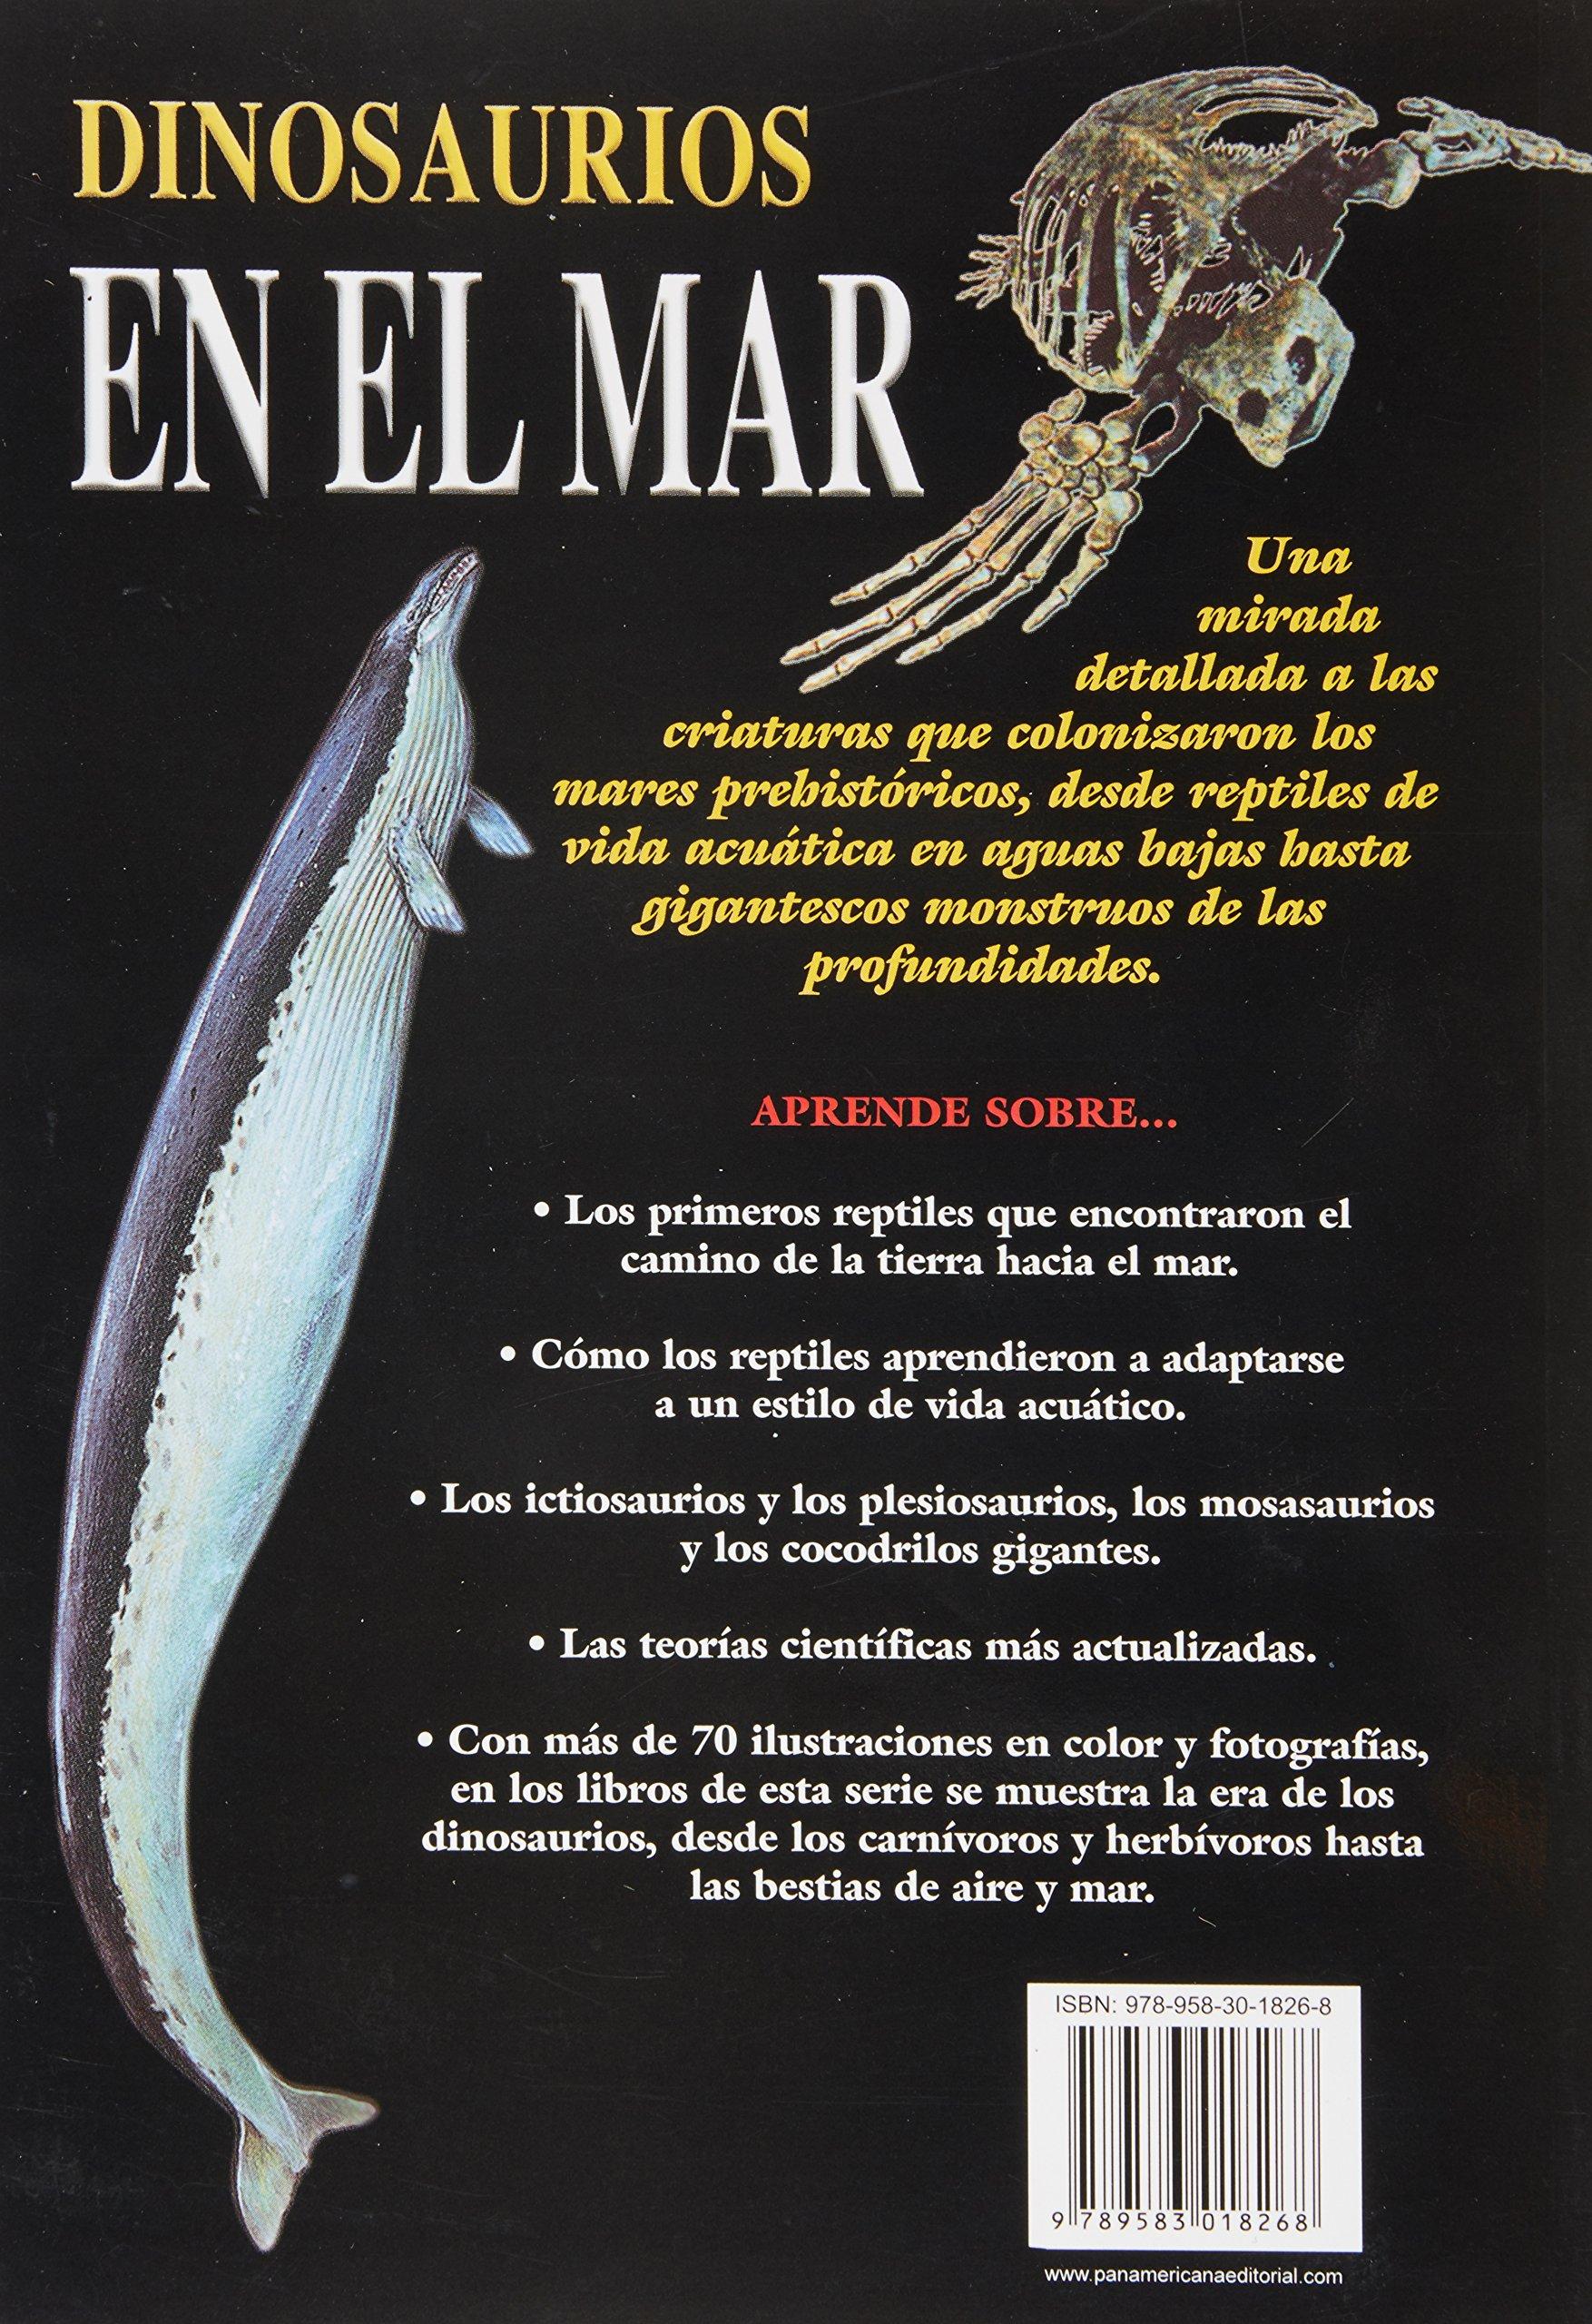 Dinosaurios En El Mar Spanish Edition Dougal Dixon 9789583018268 Amazon Com Books Este proyecto lo realicé hace unos años y el resultado fue muy positivo. amazon com